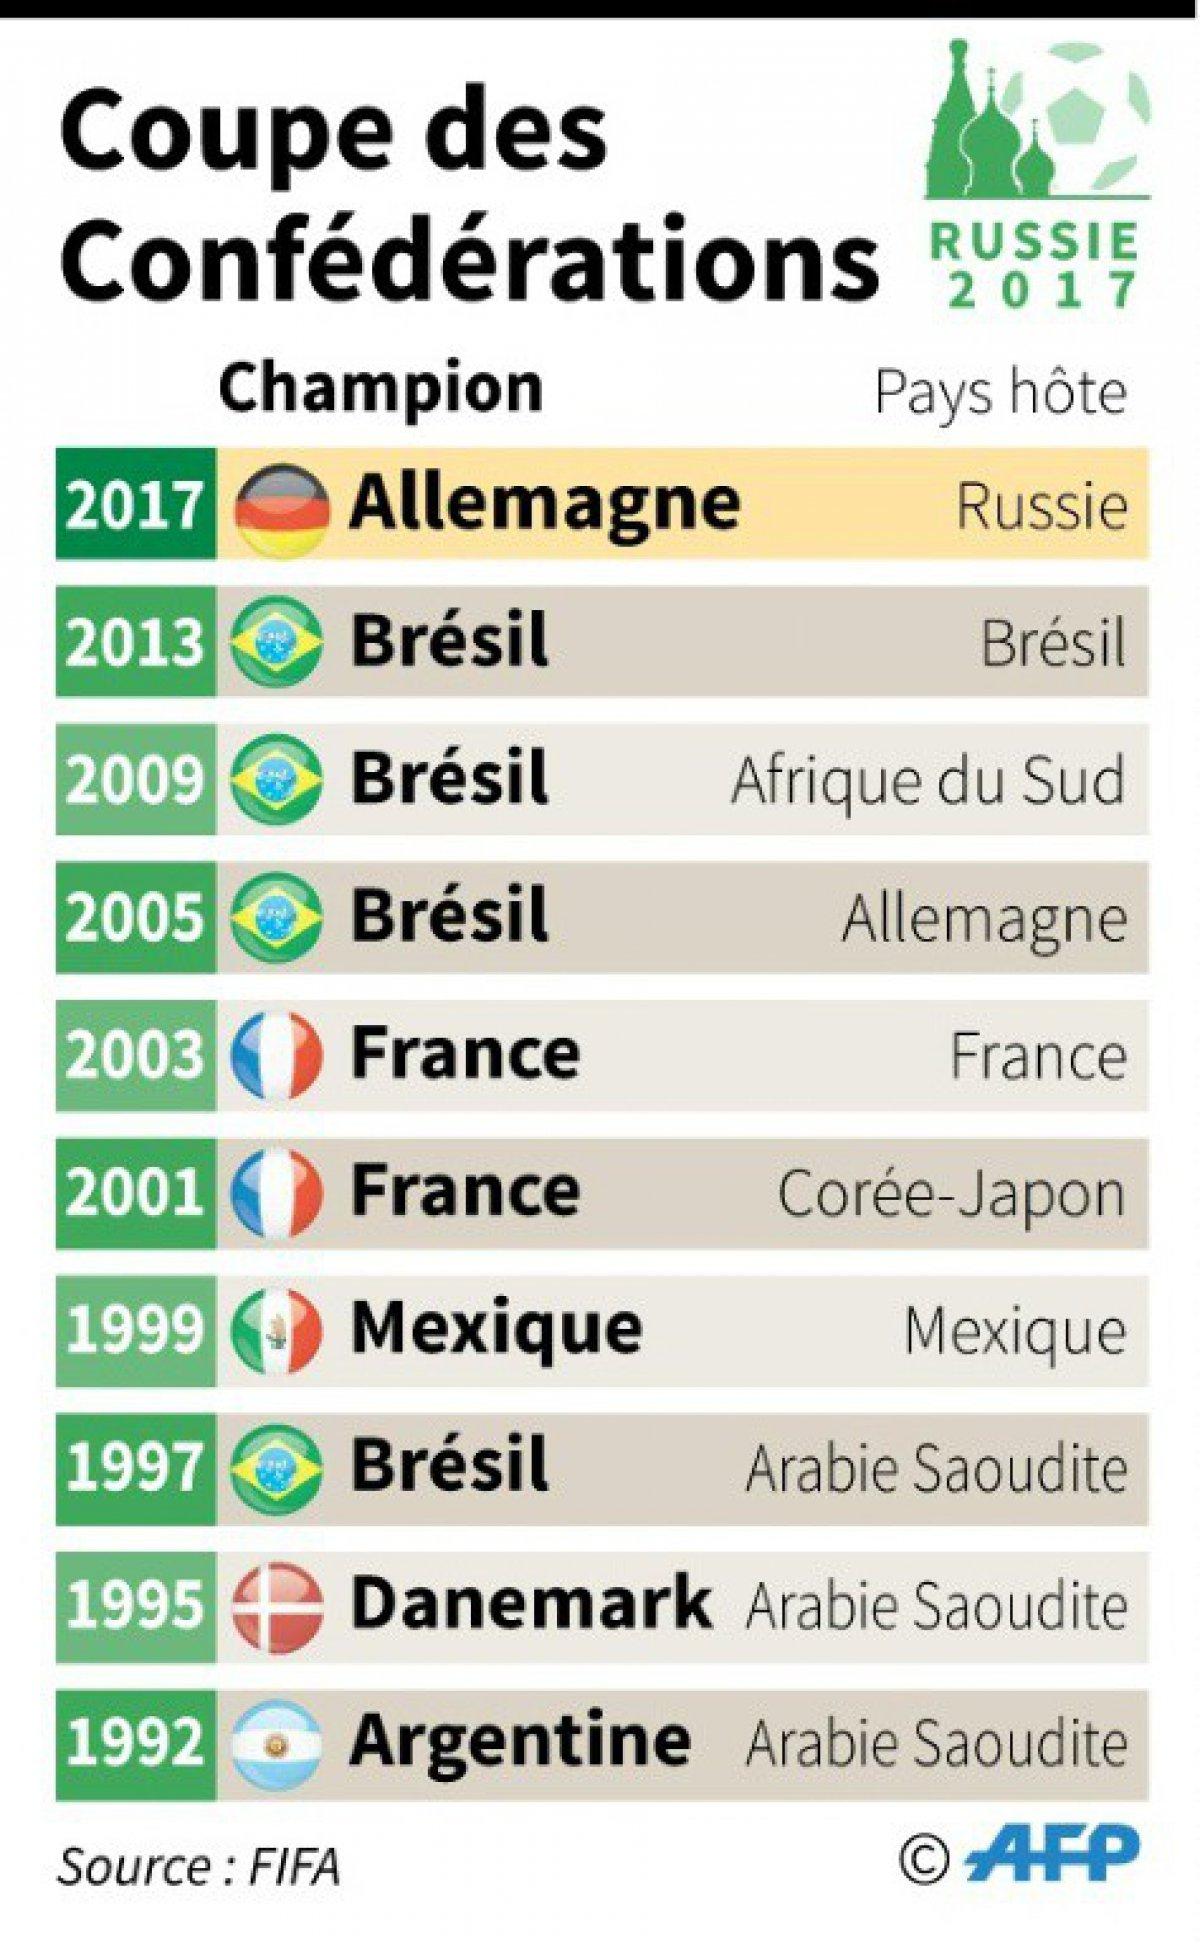 Coupe des conf d rations l 39 allemagne reprend un troph e - Coupe des confederations 2009 ...